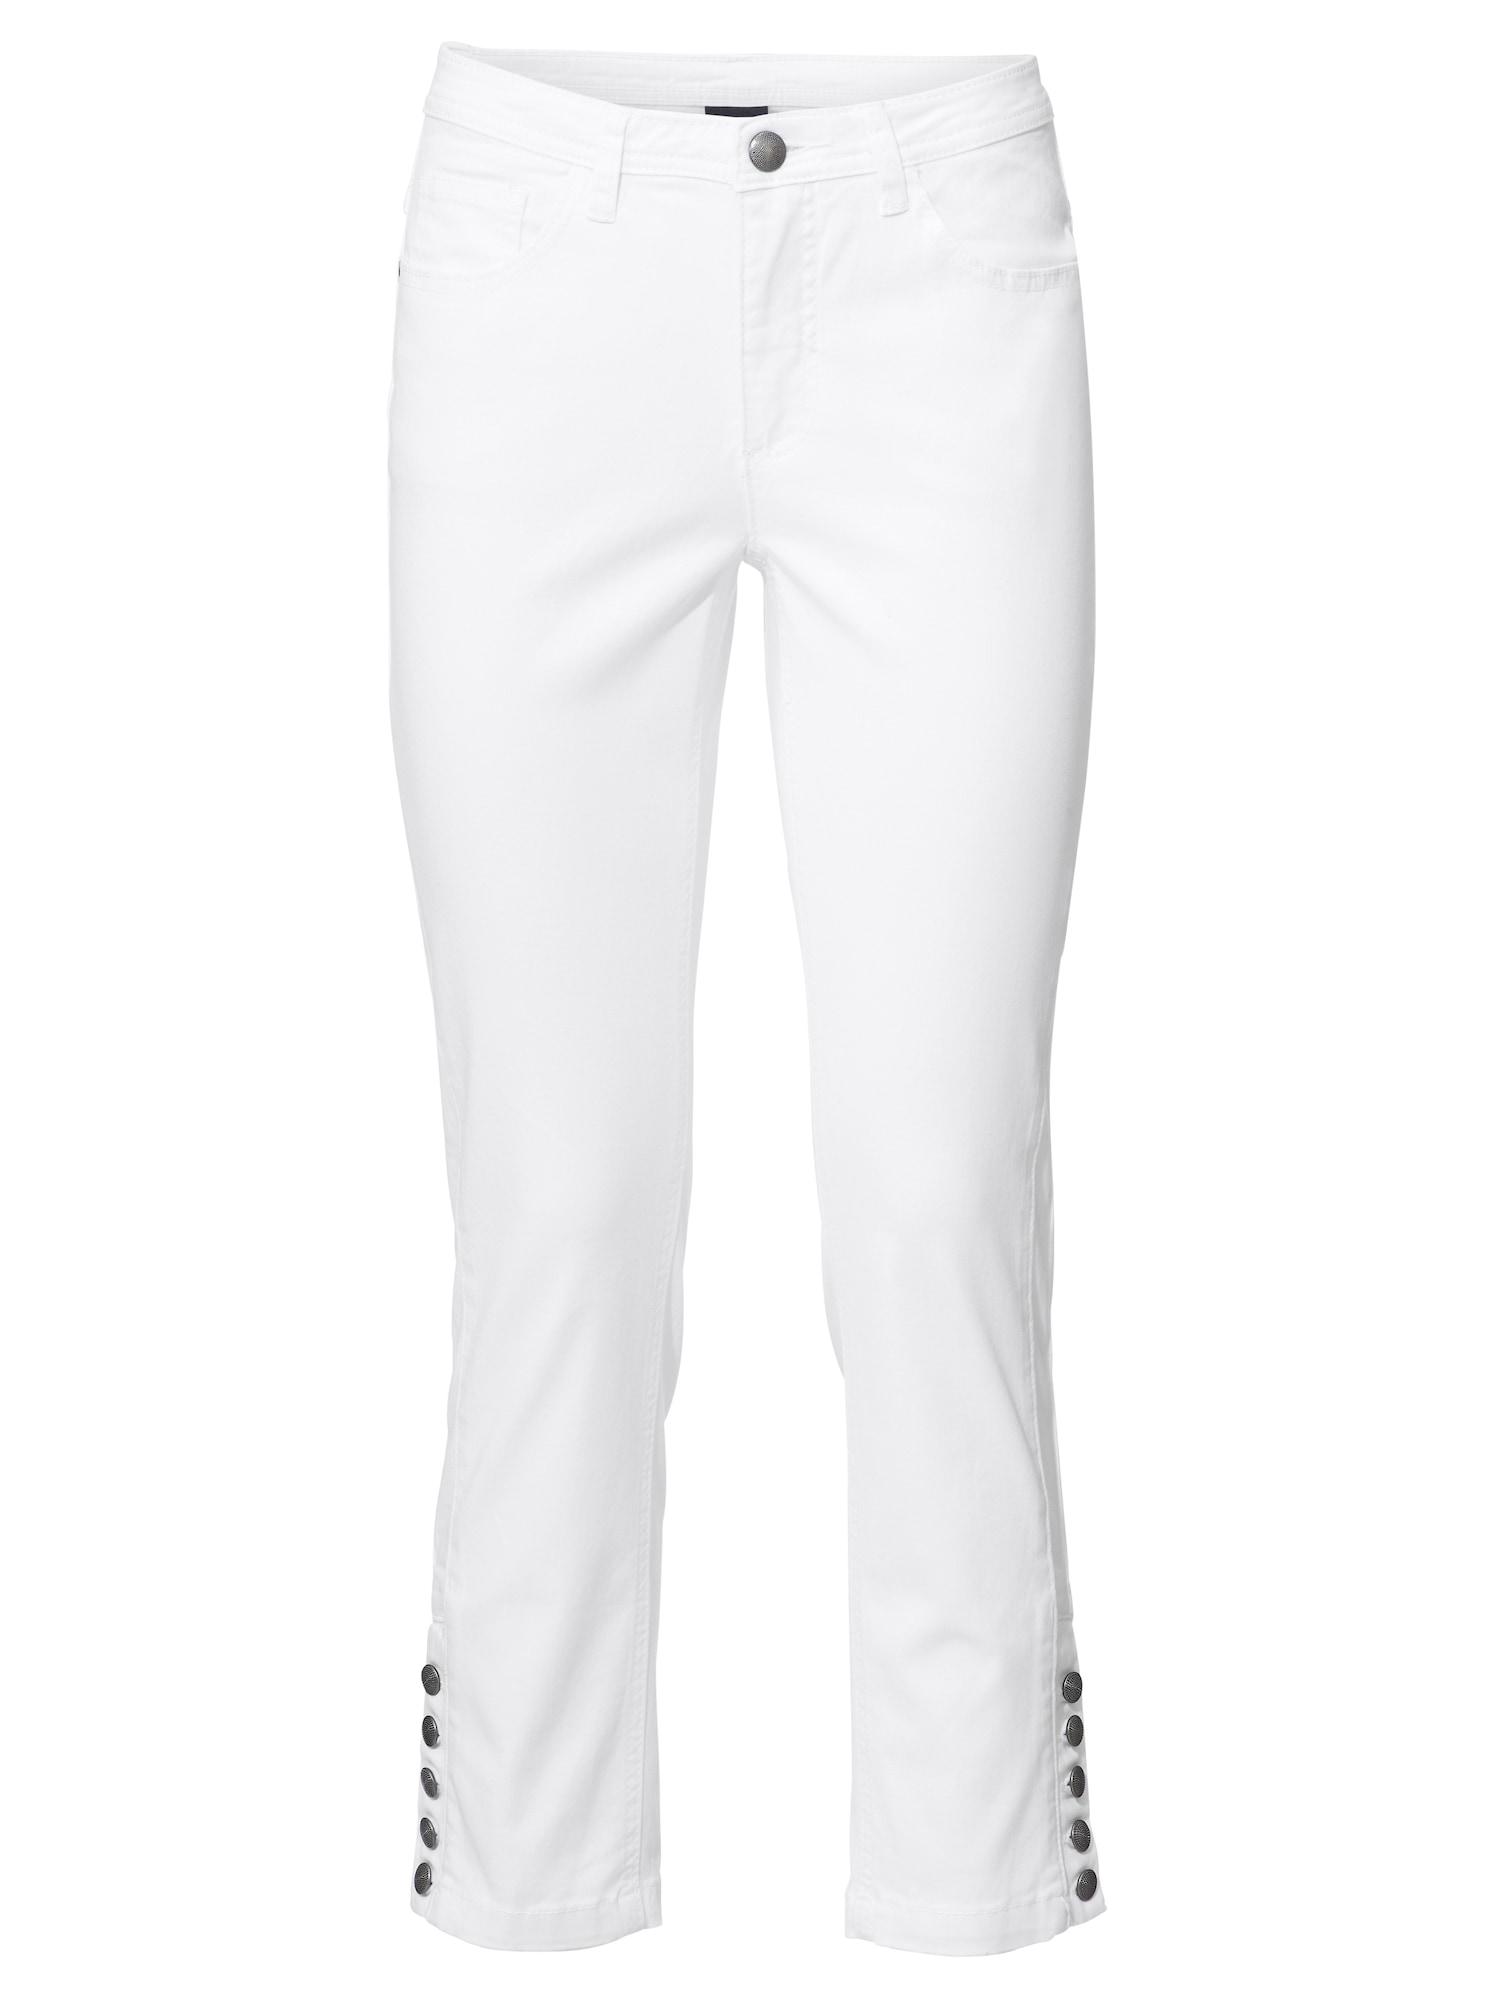 7/8-Hose | Bekleidung > Hosen > 7/8-Hosen | Weiß | heine